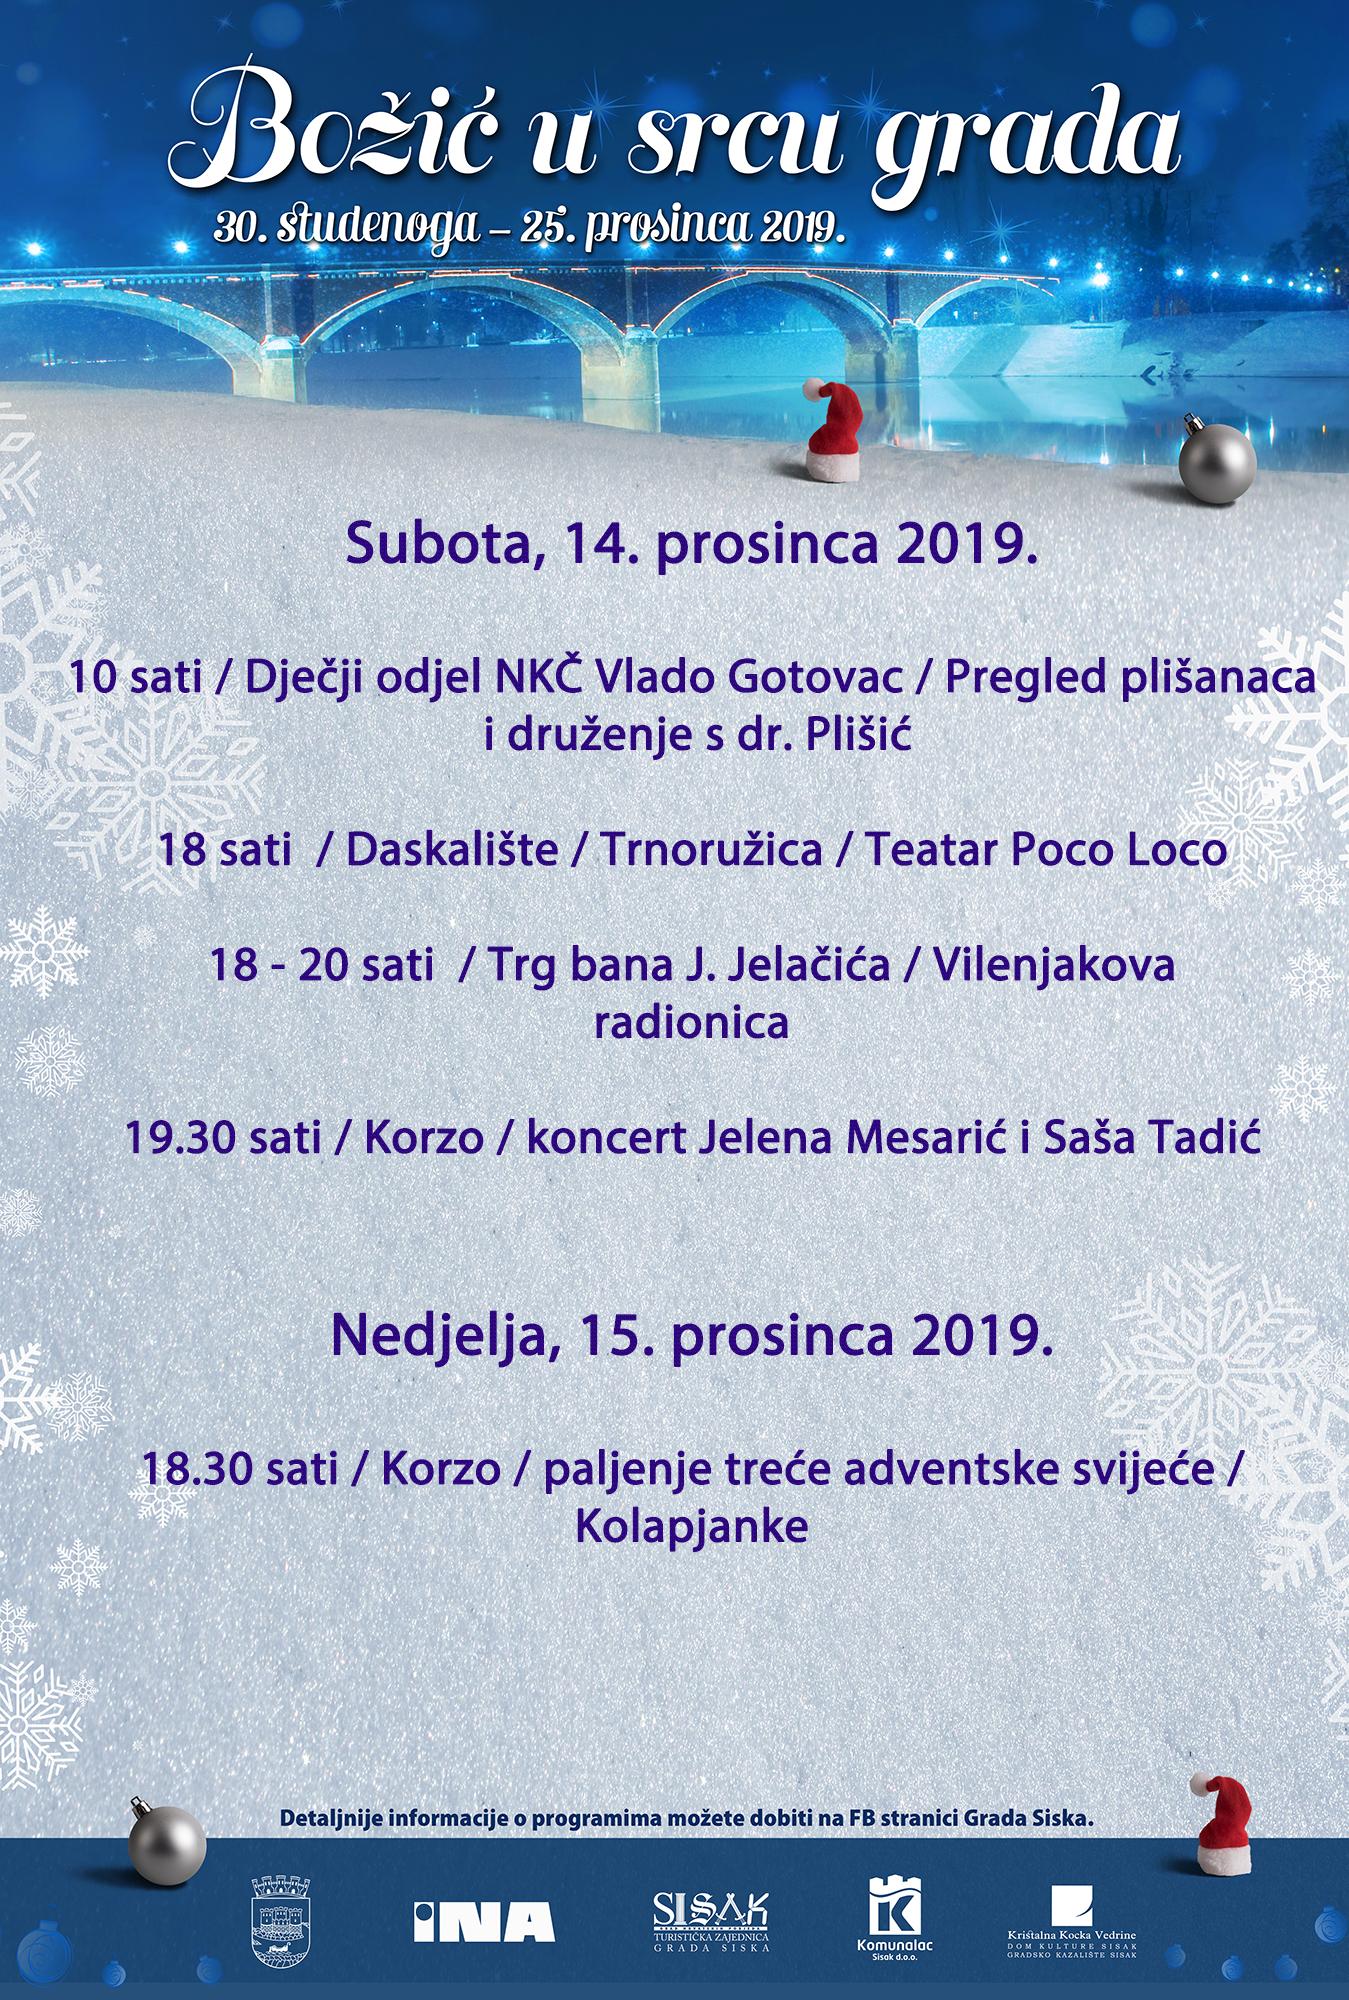 Nastavlja se manifestacija Božić u srcu grada